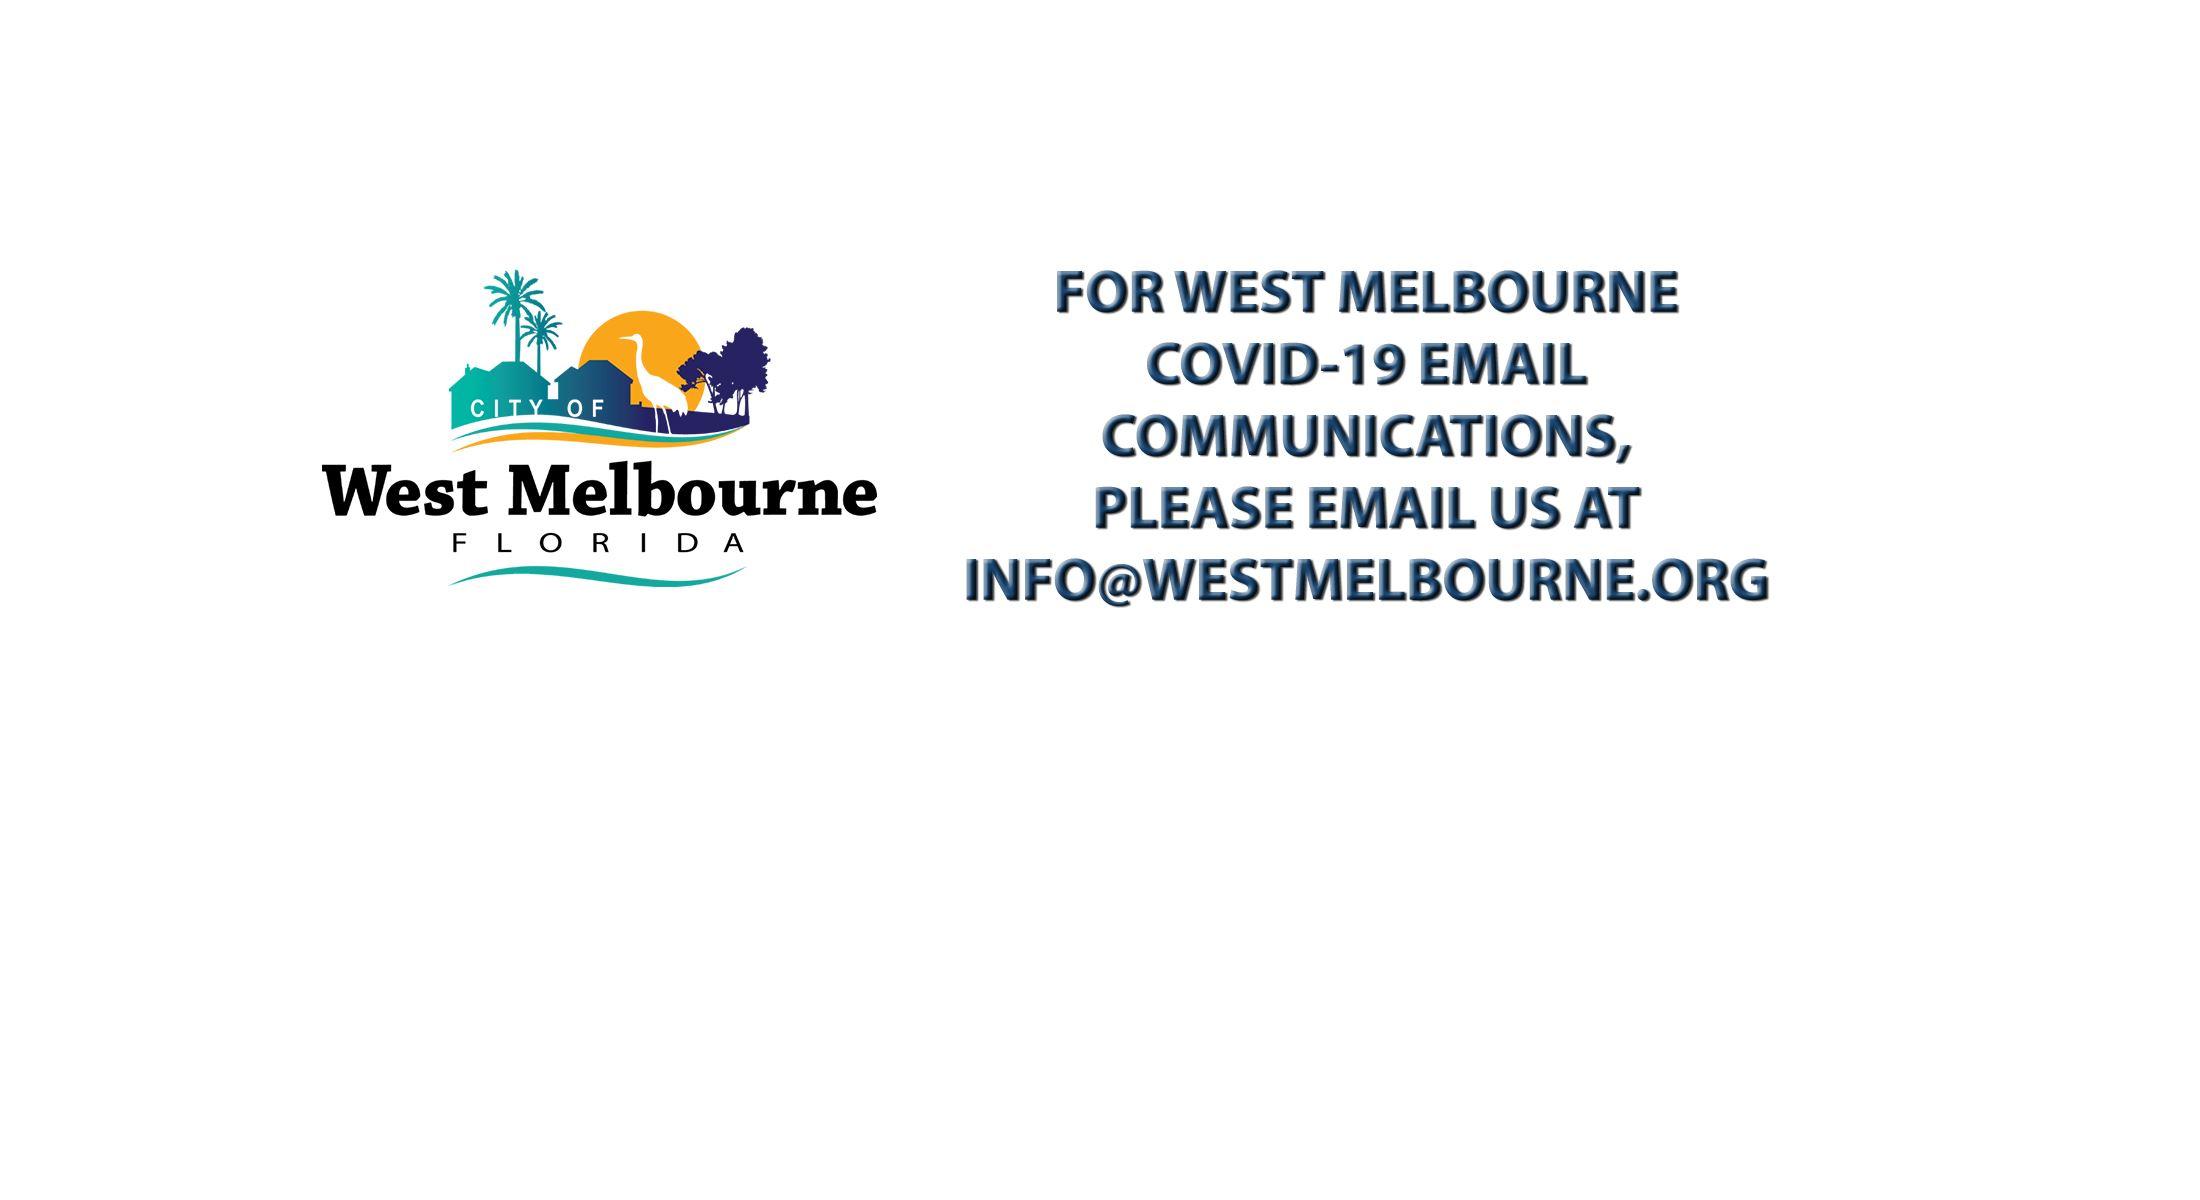 W Melbourne Fl Halloween 2020 West Melbourne, FL   Official Website | Official Website